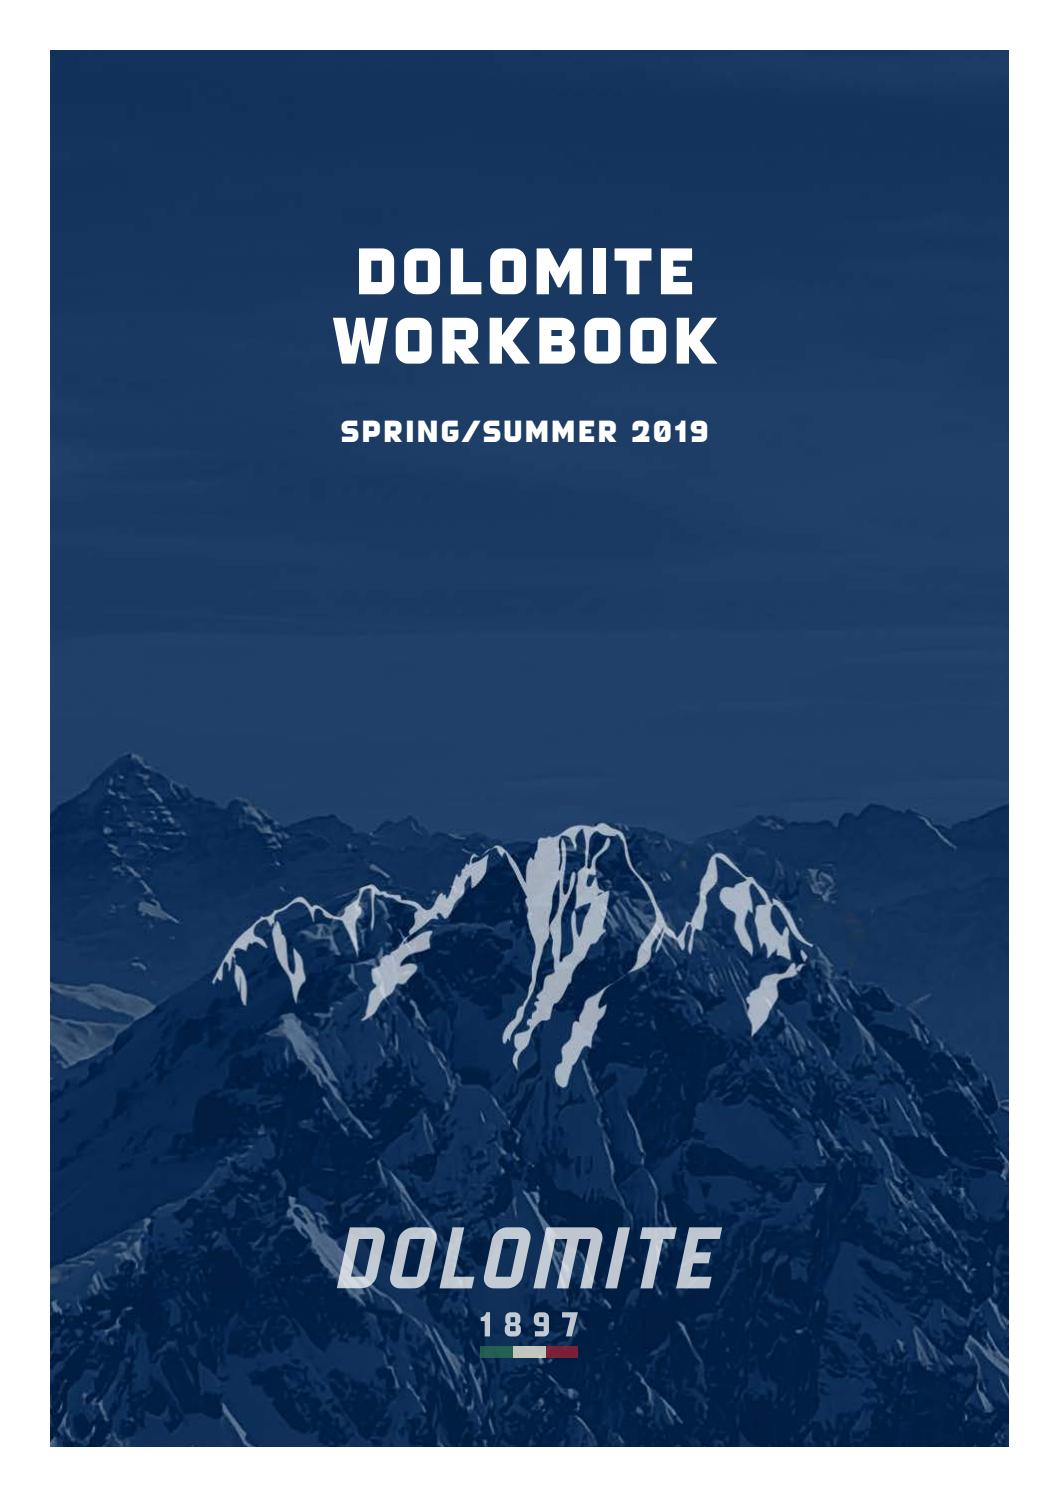 Catálogo Dolomite SS19 by BM Sportech IB, S.L. issuu